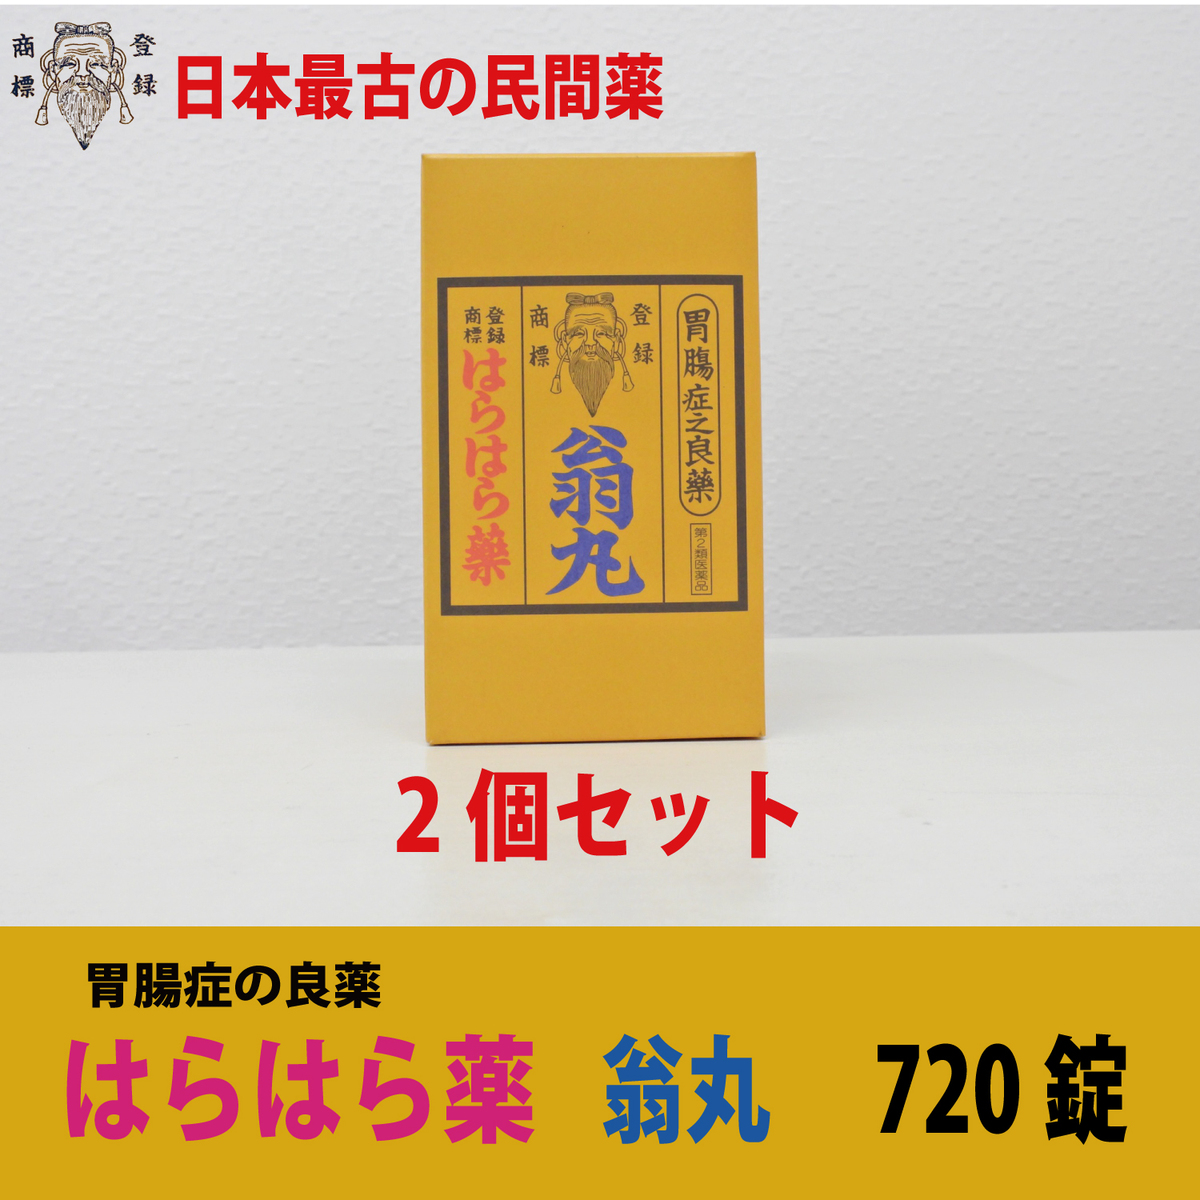 最安値に挑戦 300年以上の歴史を持つ日本の民間薬 第2類医薬品 はらはら薬 テレビで話題 翁丸 送料無料 できる限り即日発送を心がけています 720錠×2個セット 14時までの注文は